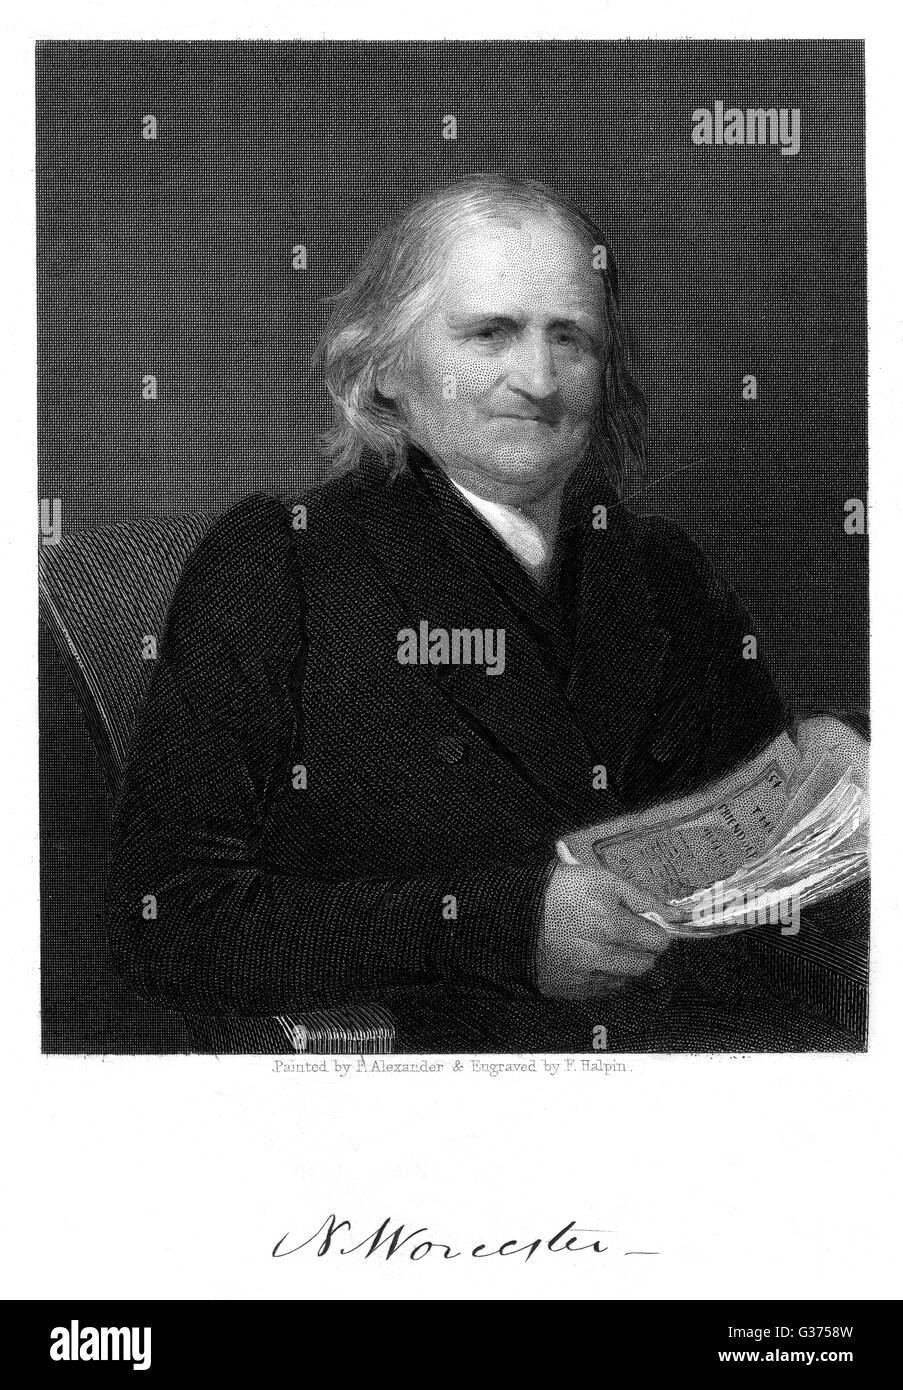 NOAH WORCESTER amerikanischer Theologe und Pazifist mit seinem Autogramm Datum: 1758-1837 Stockbild